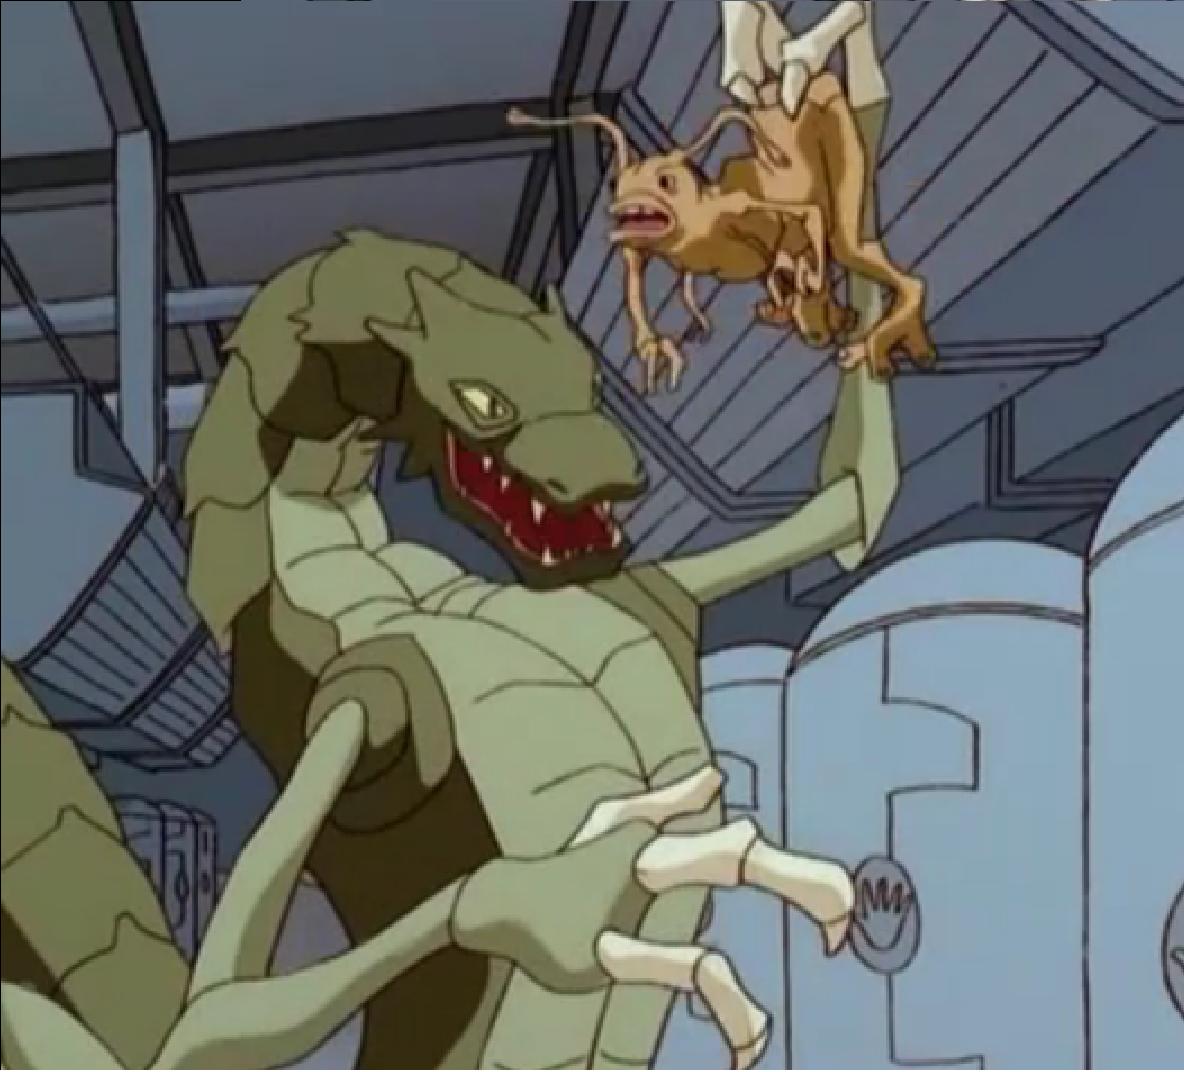 alien cartoon show - photo #48